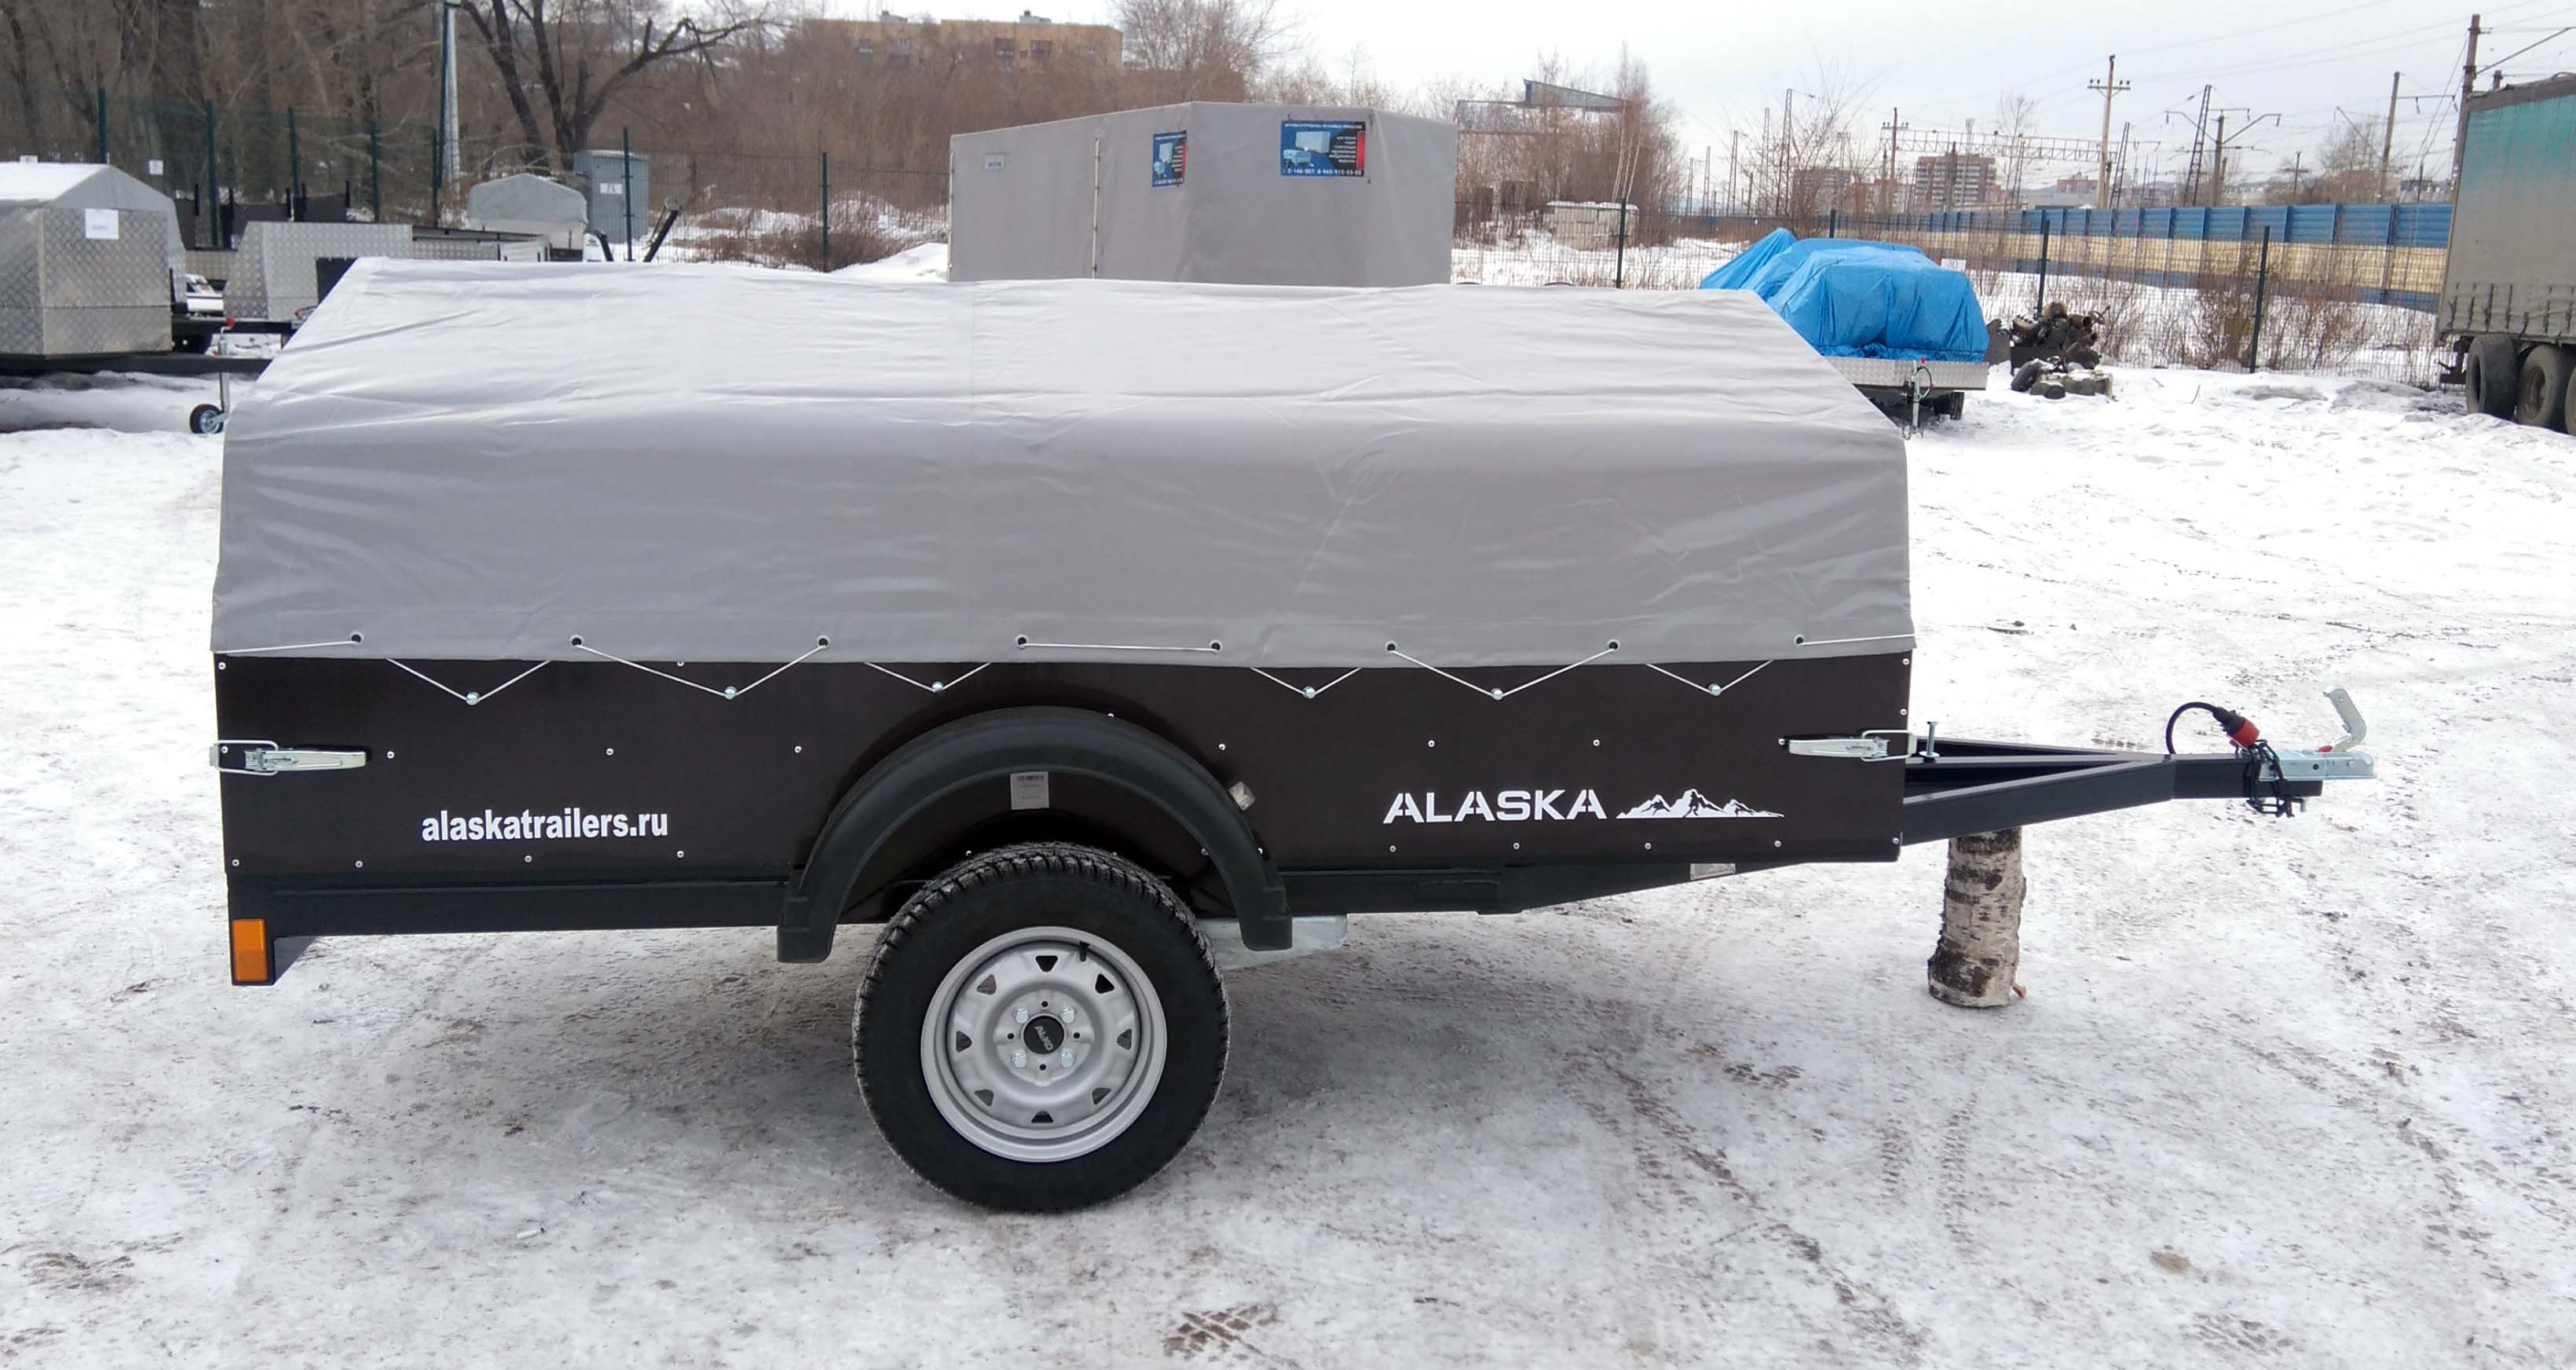 Прицеп Аляска Фермер, фанерный борт